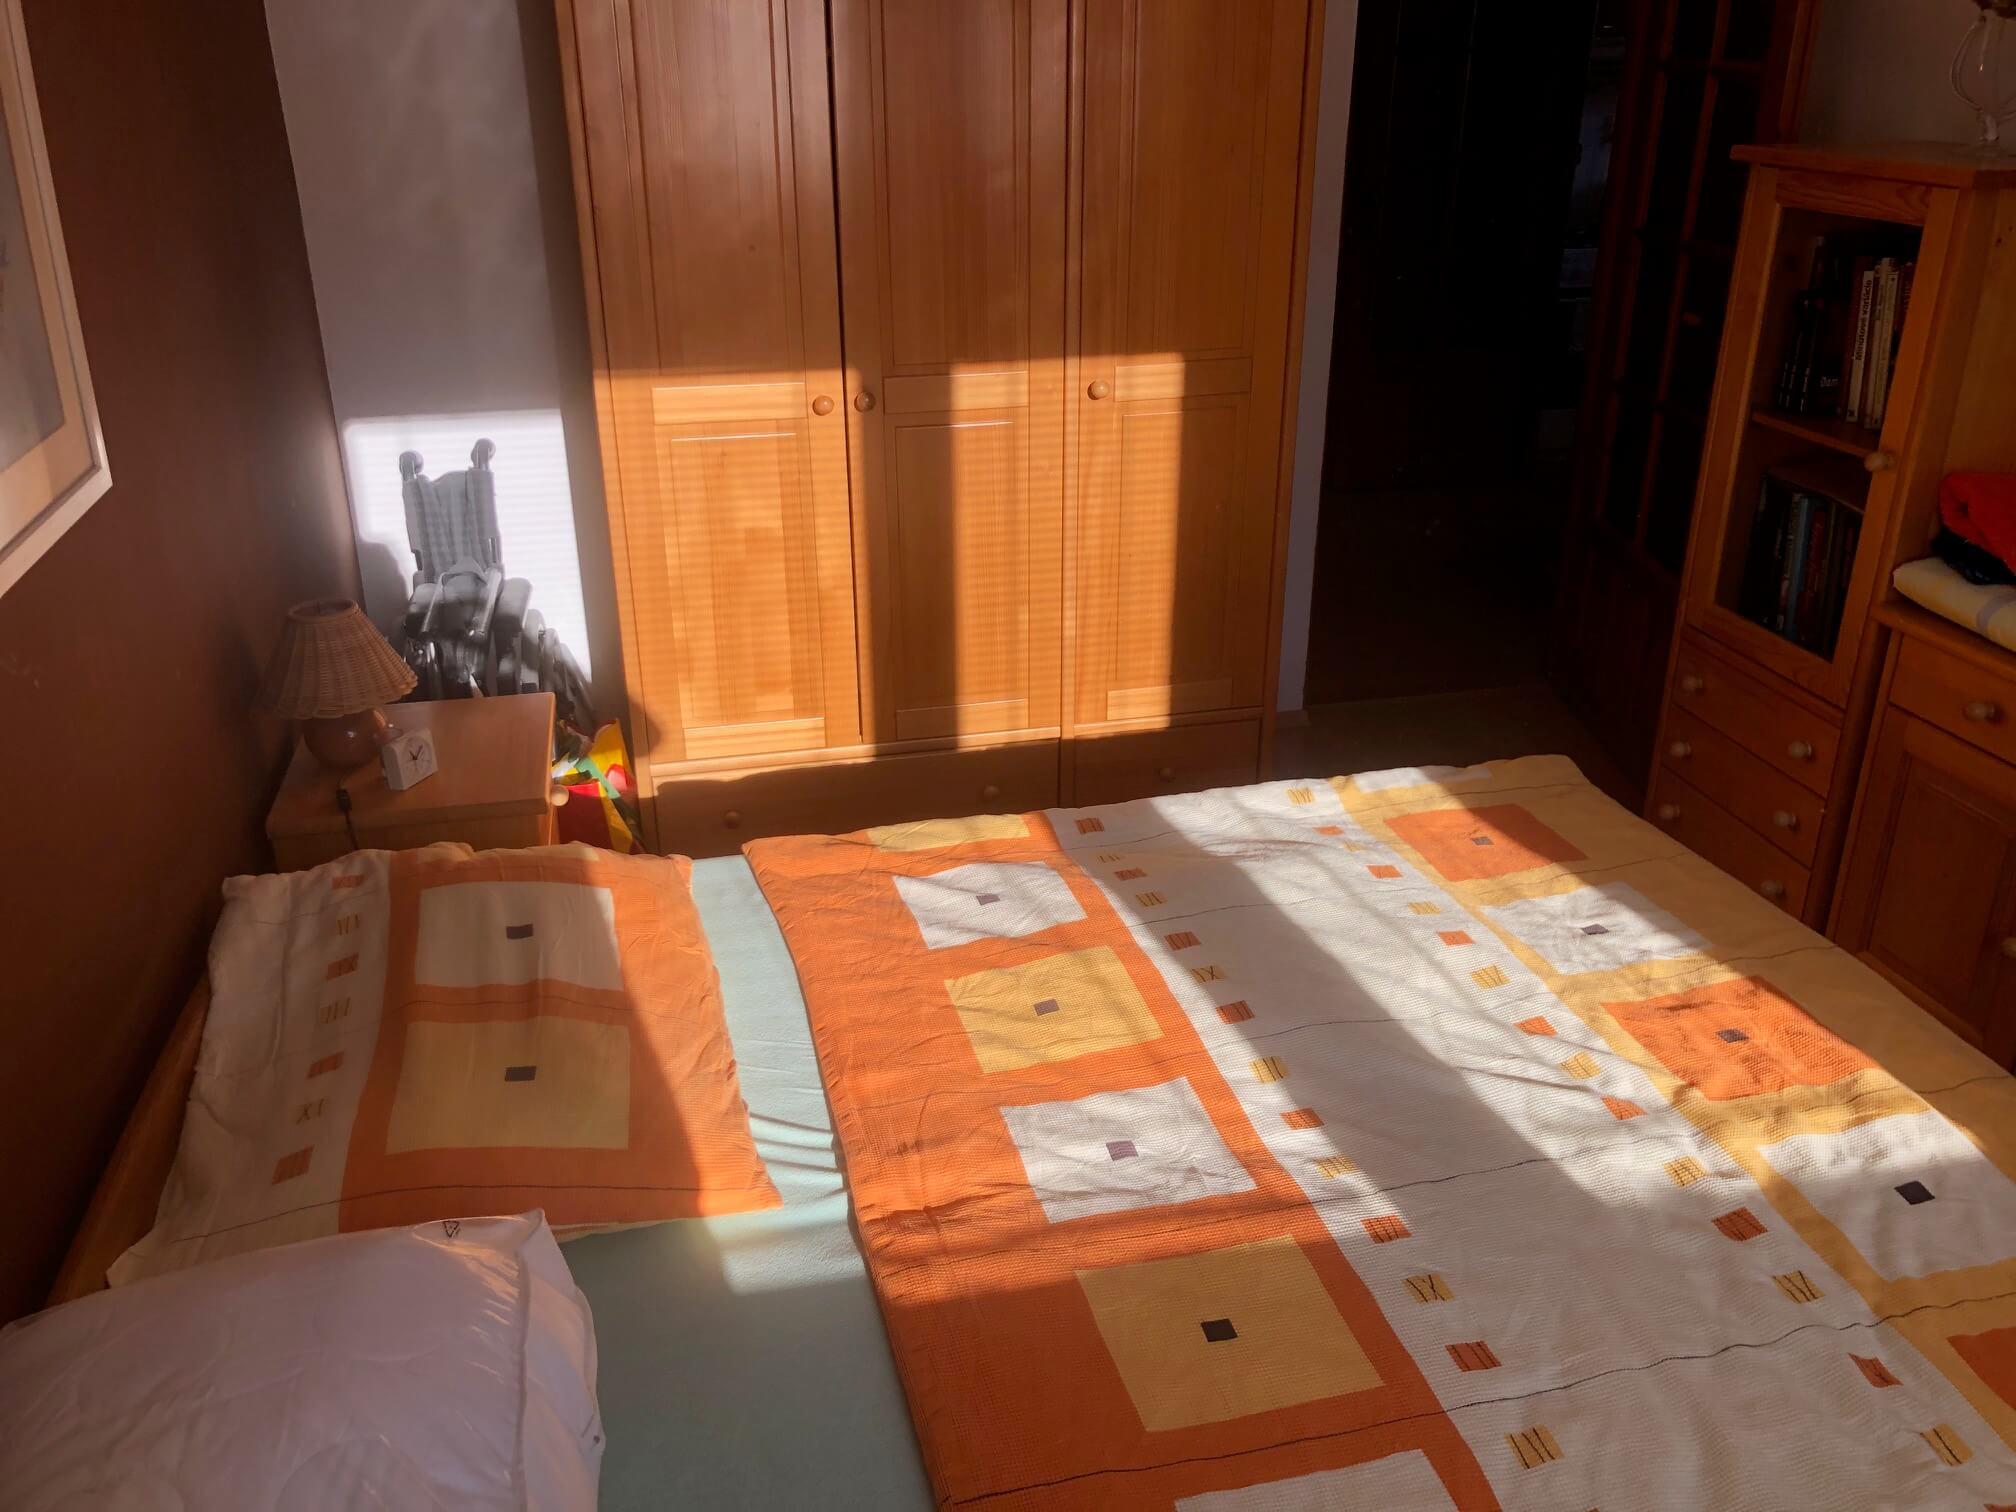 Exkluzívne na predaj 3 izbový byt, Devínska Nová Ves, Jána Poničana 3, 65m2, balkon 4m2,klimatizácia-28